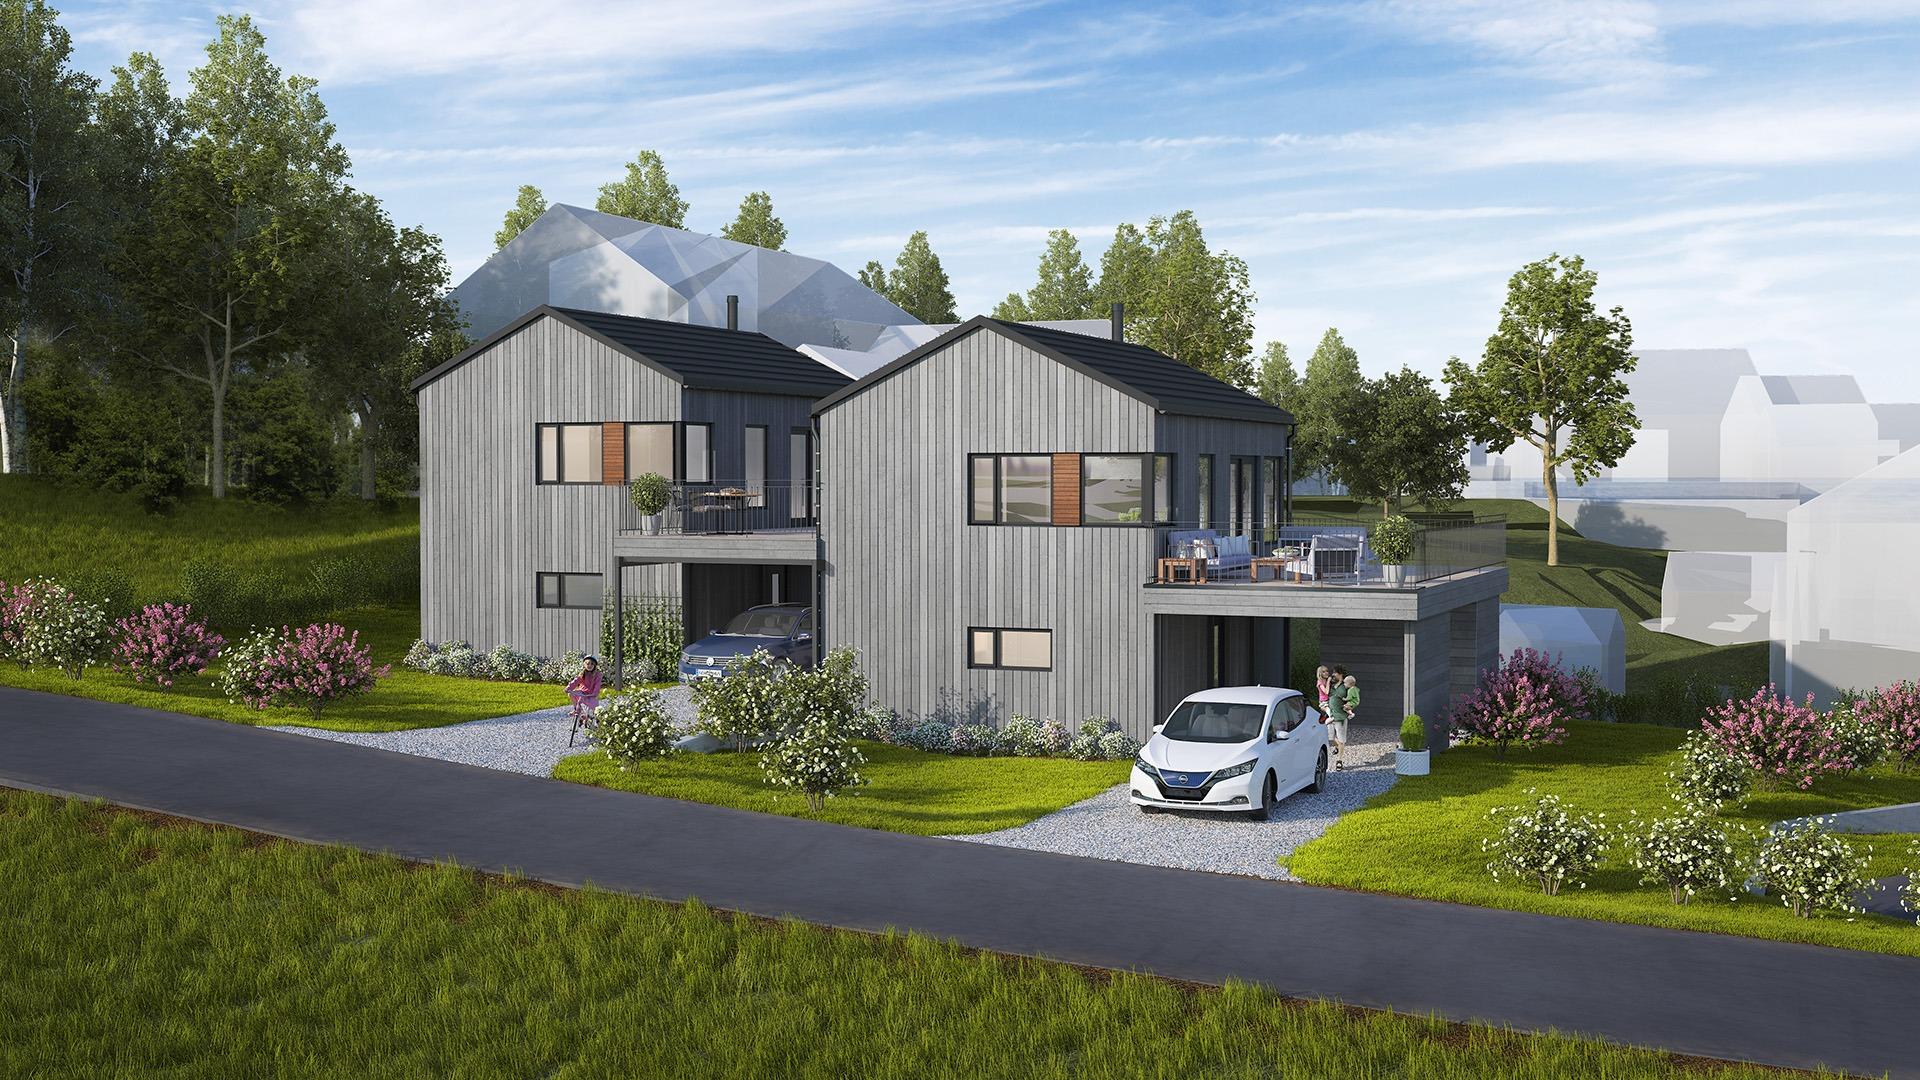 De to boligen er identiske, men boligen til høyre har en litt større veranda og bedre plassering, noe som gjør at den ligger noe høyere i pris.